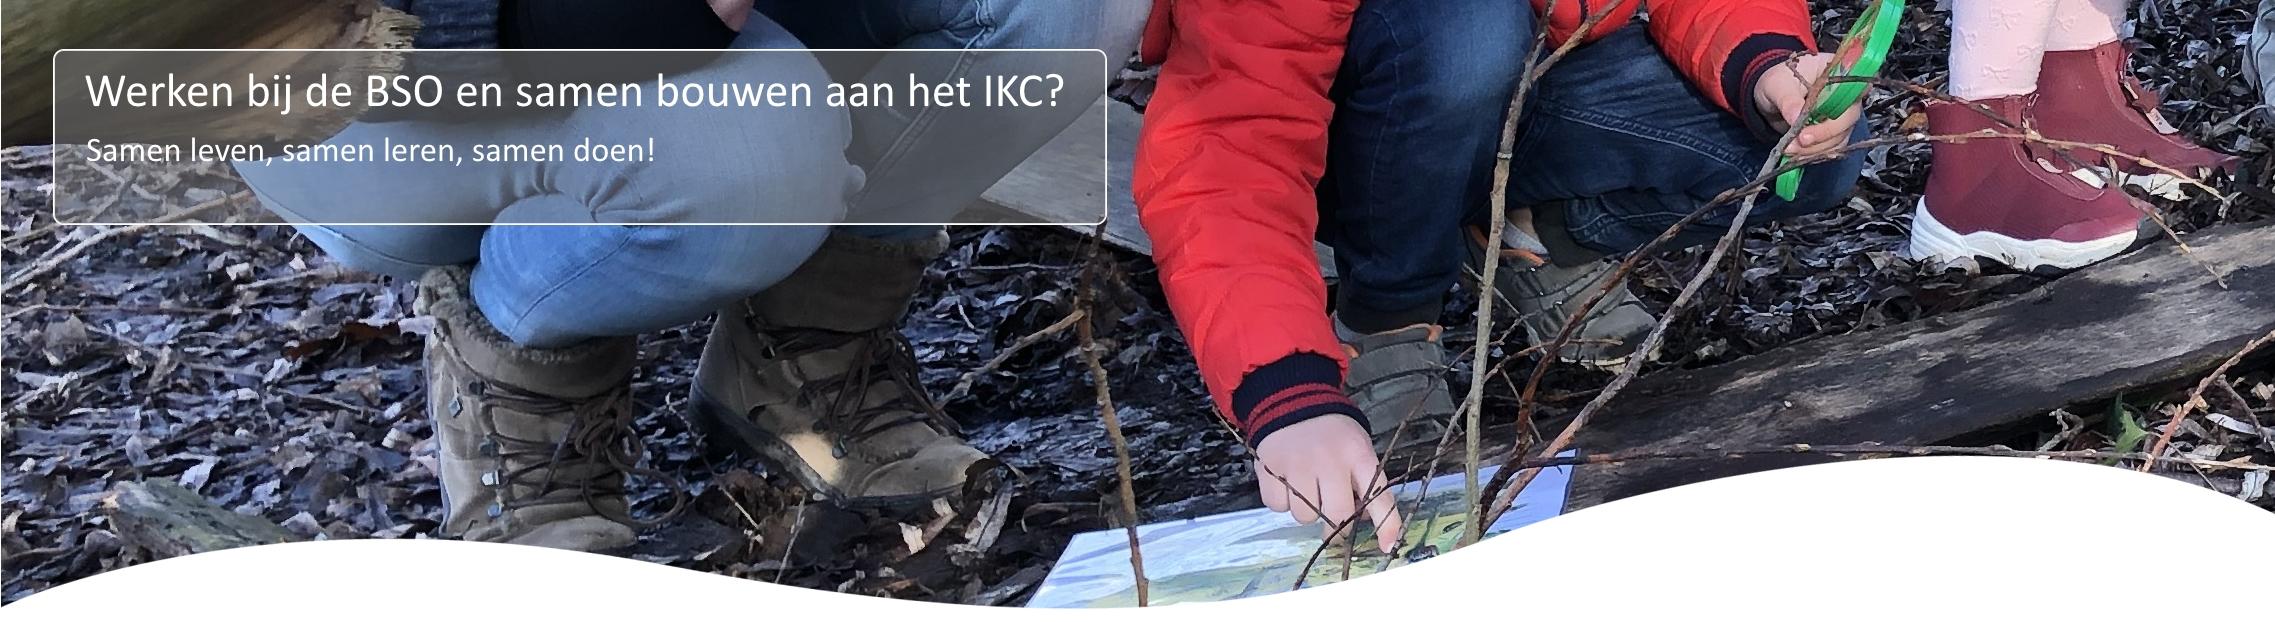 vacature pedagogisch medewerker BSO IKC Tuindorp Amsterdam